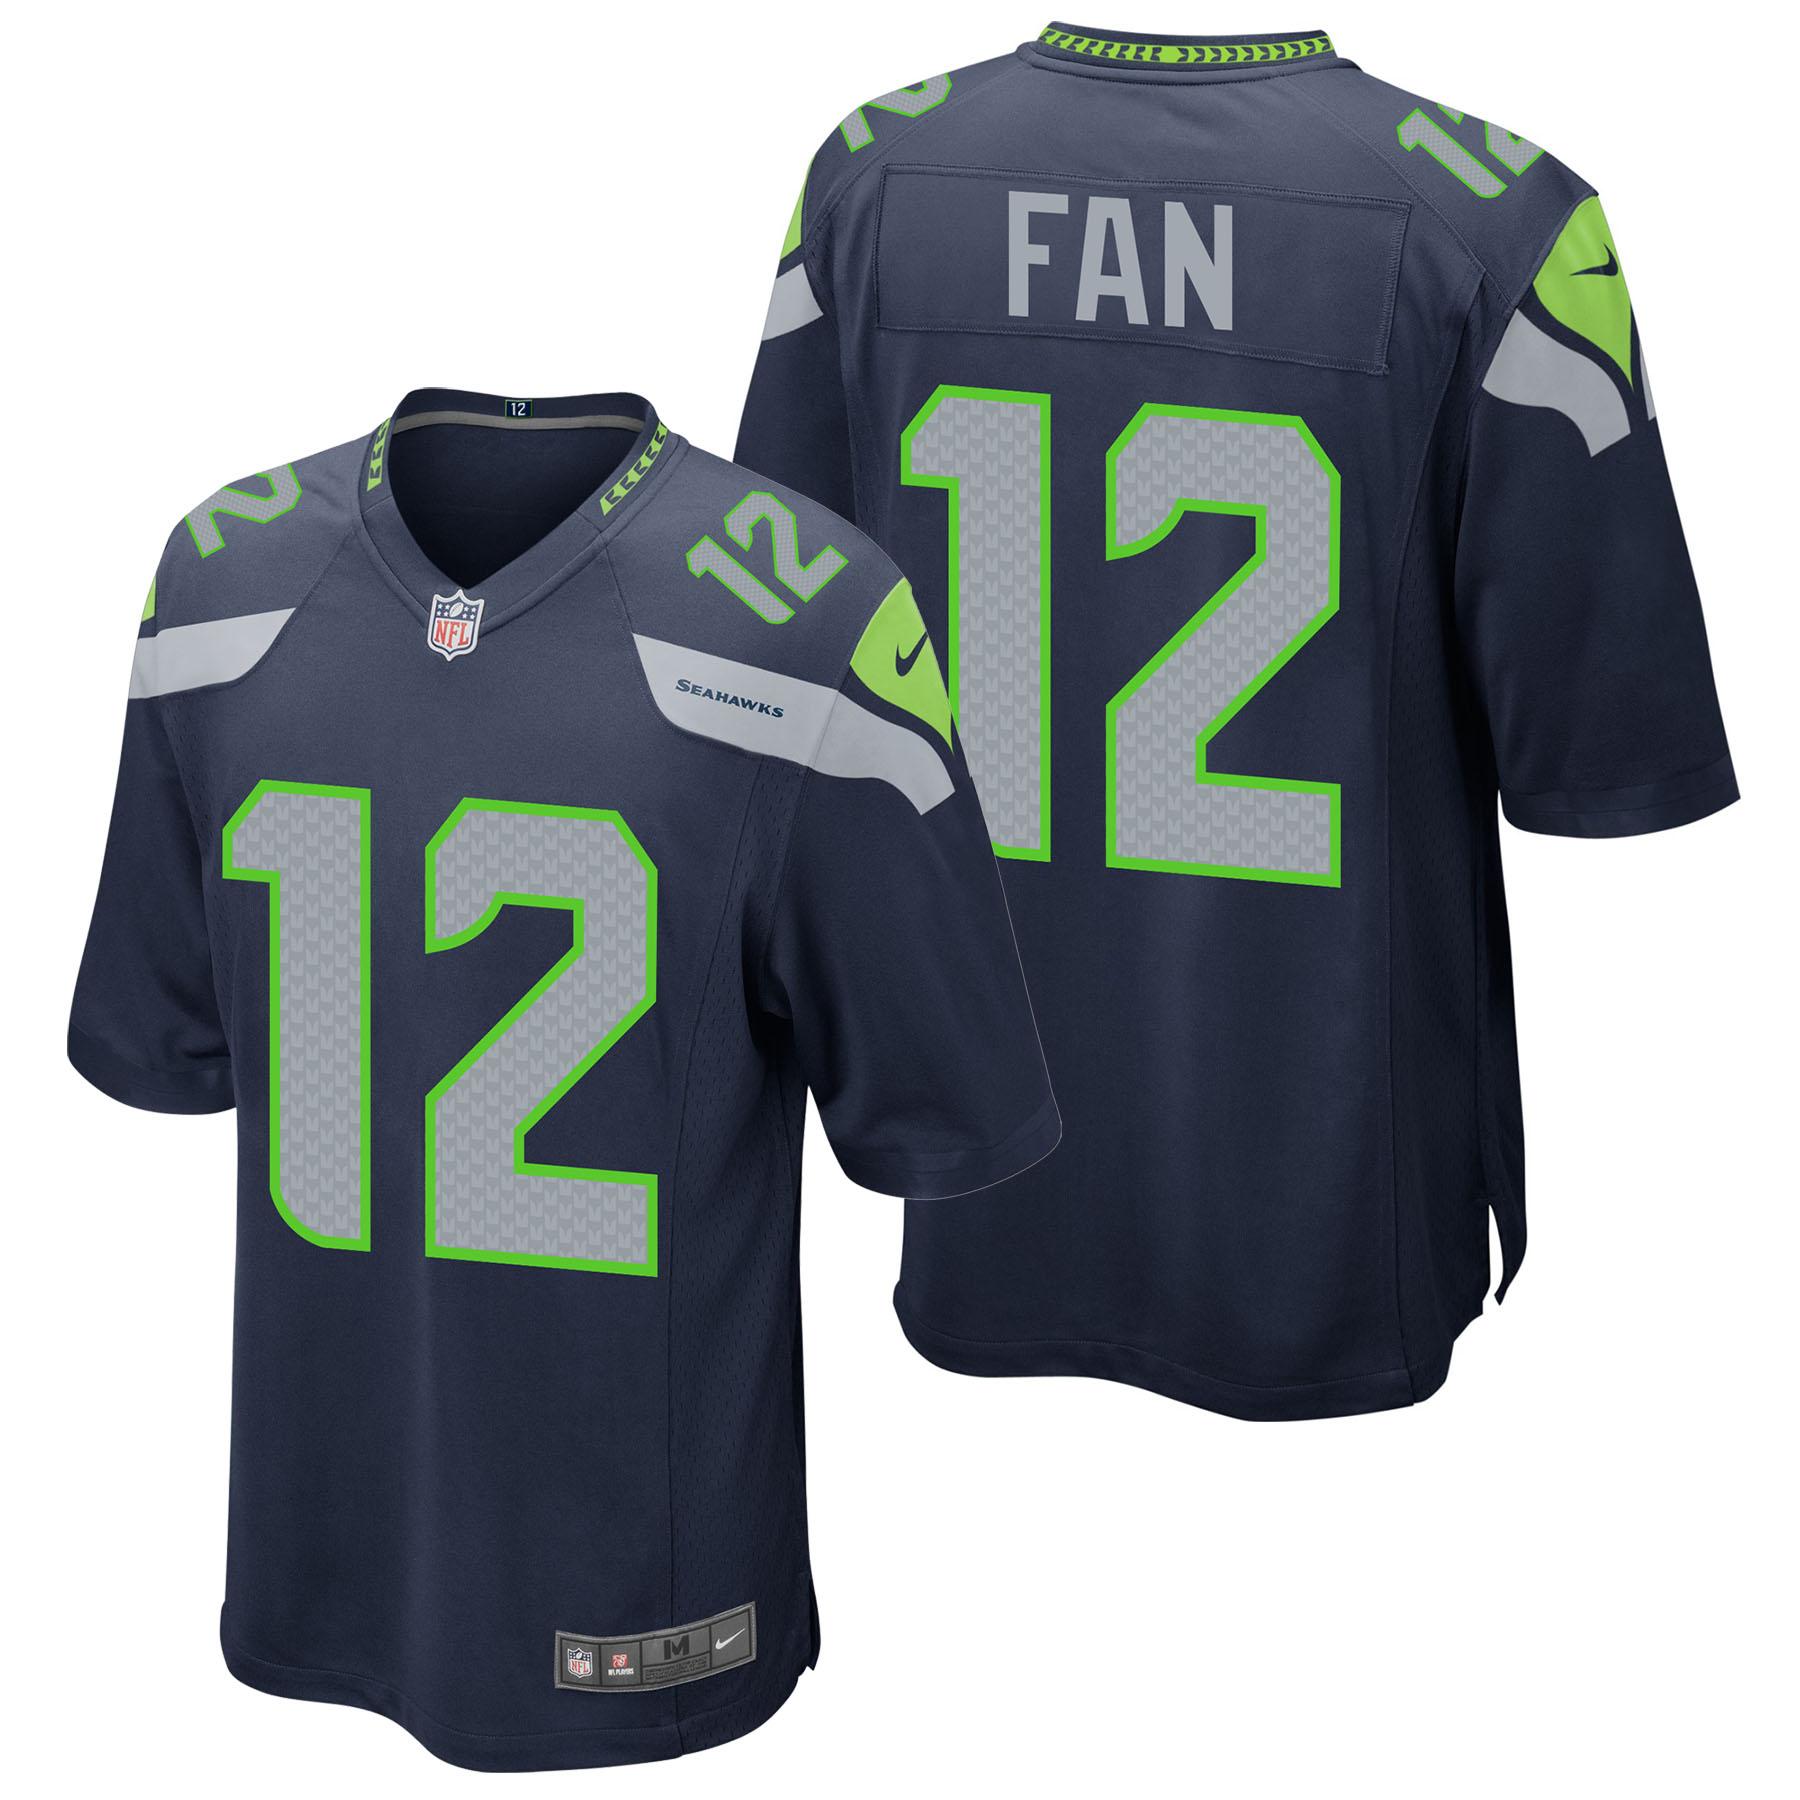 Seattle Seahawks Home Game Jersey - Fan 12